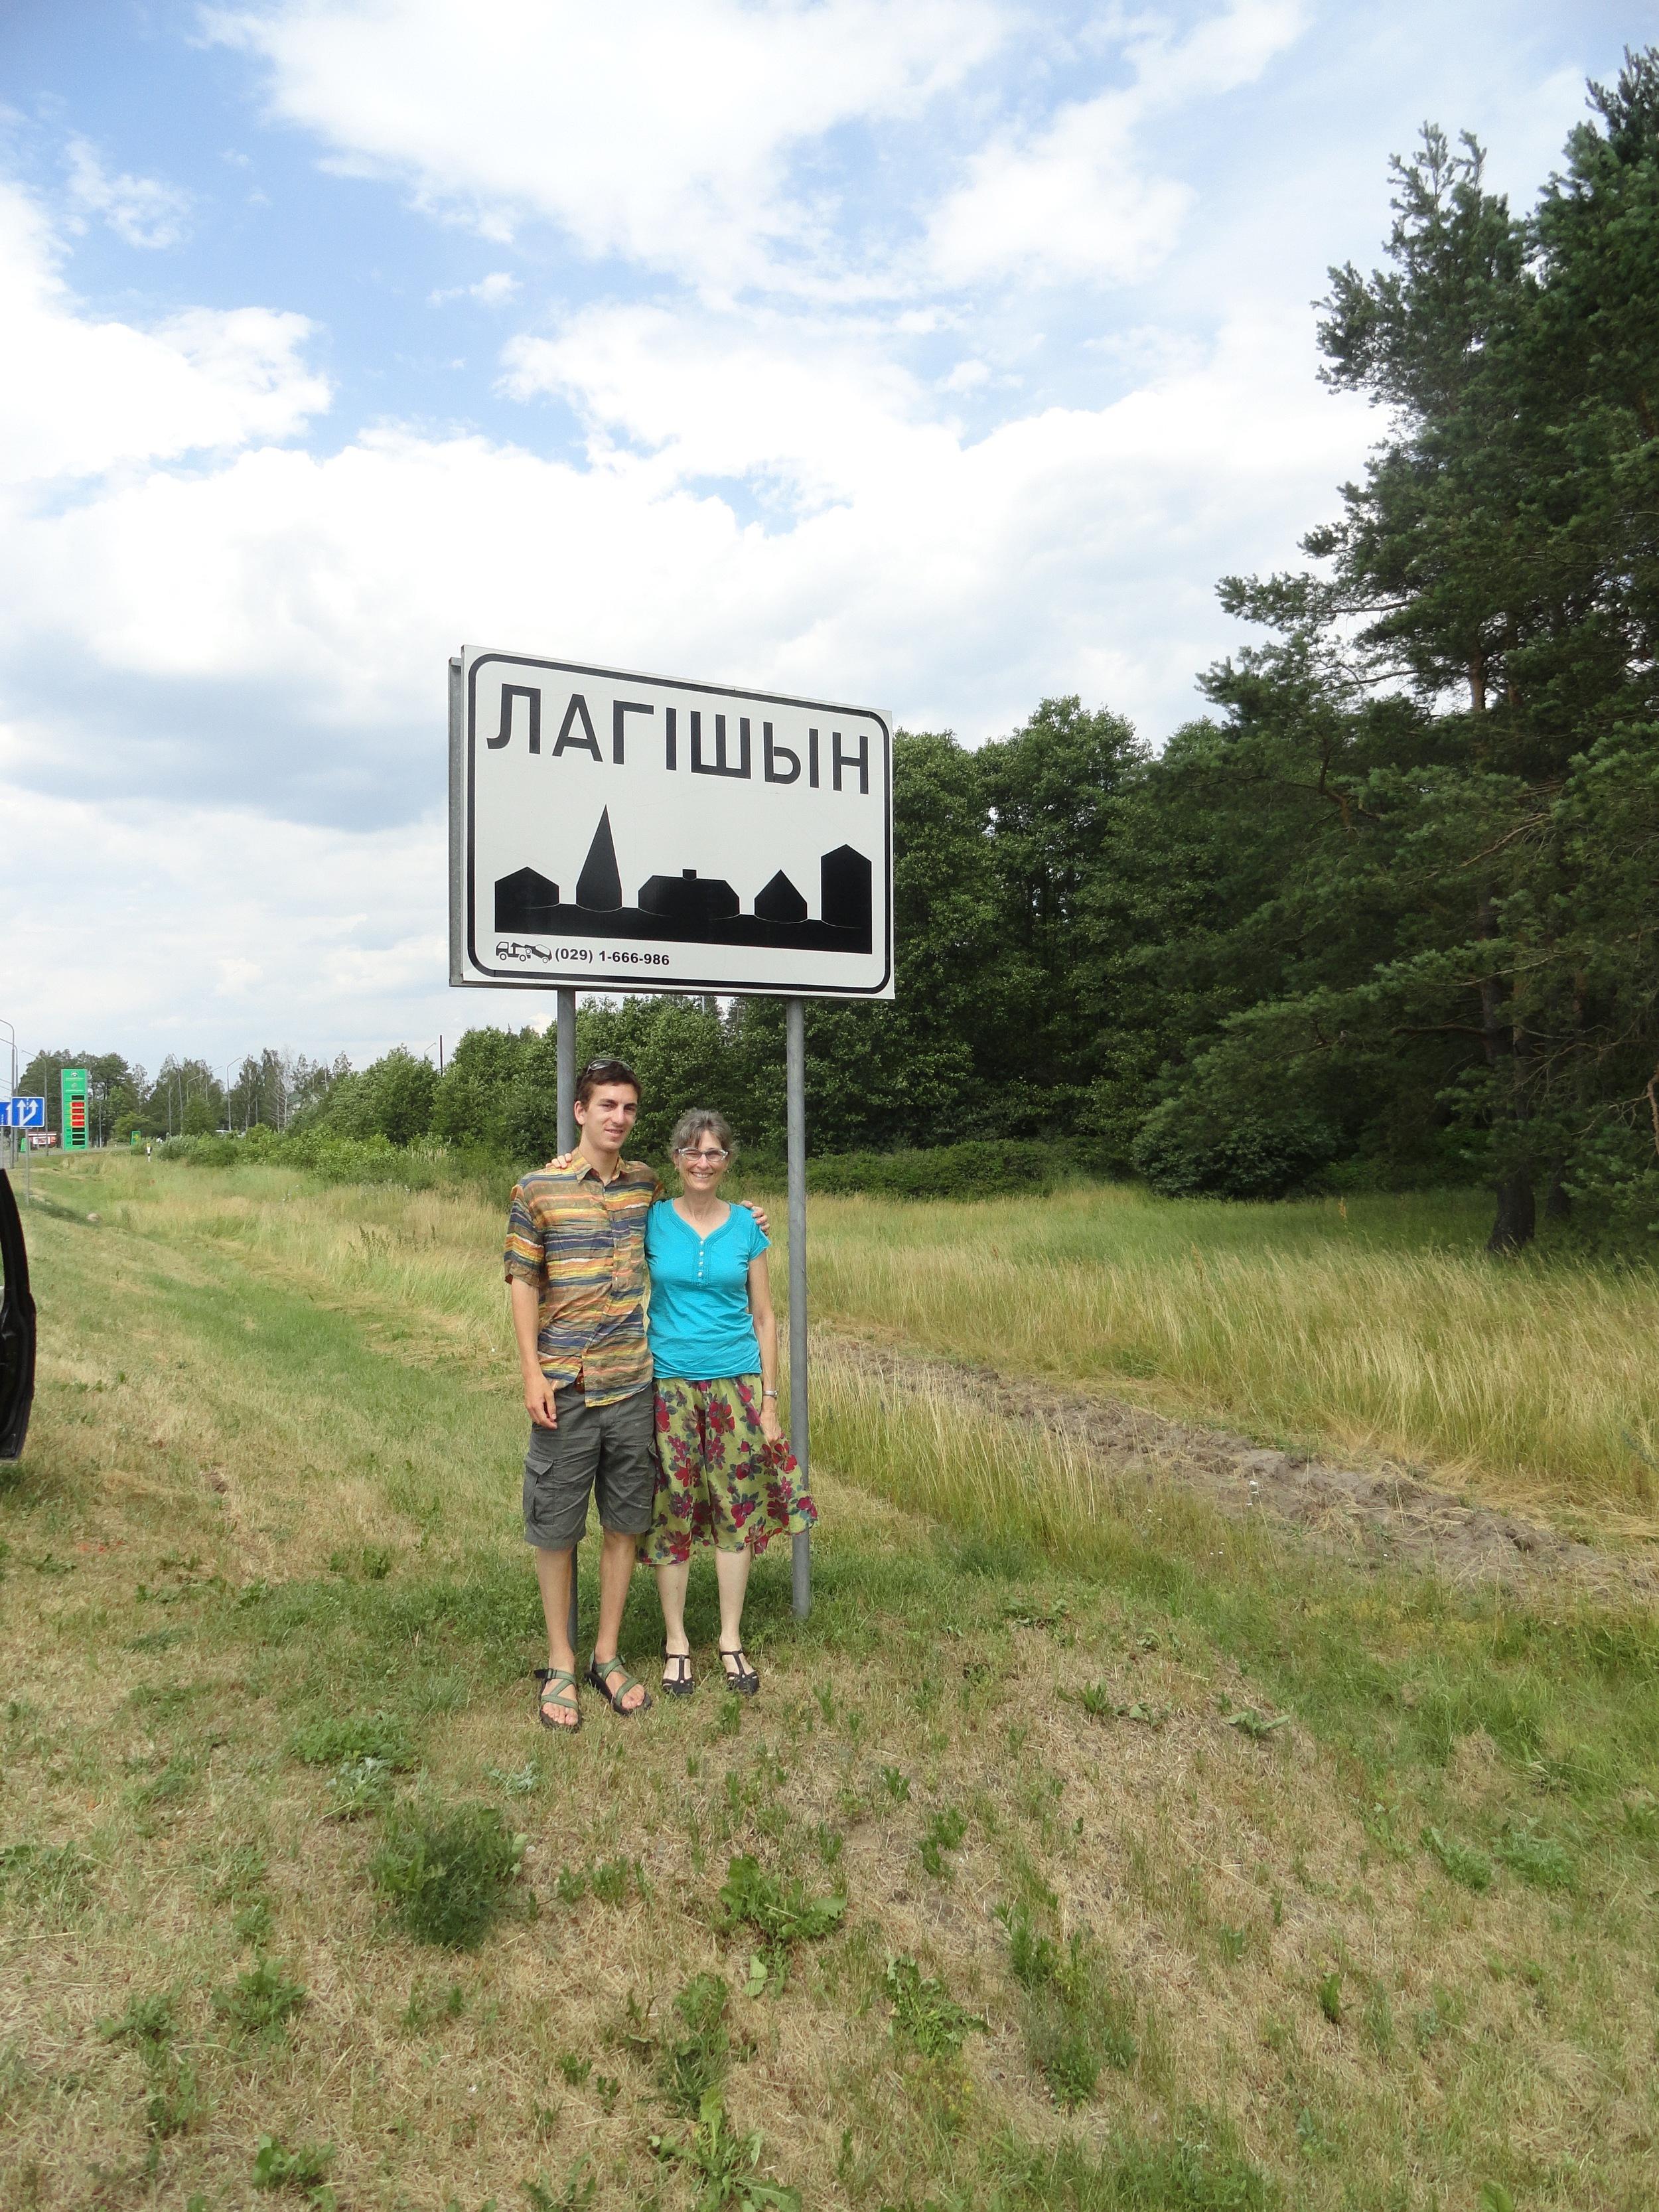 Lohishyn, Belarus